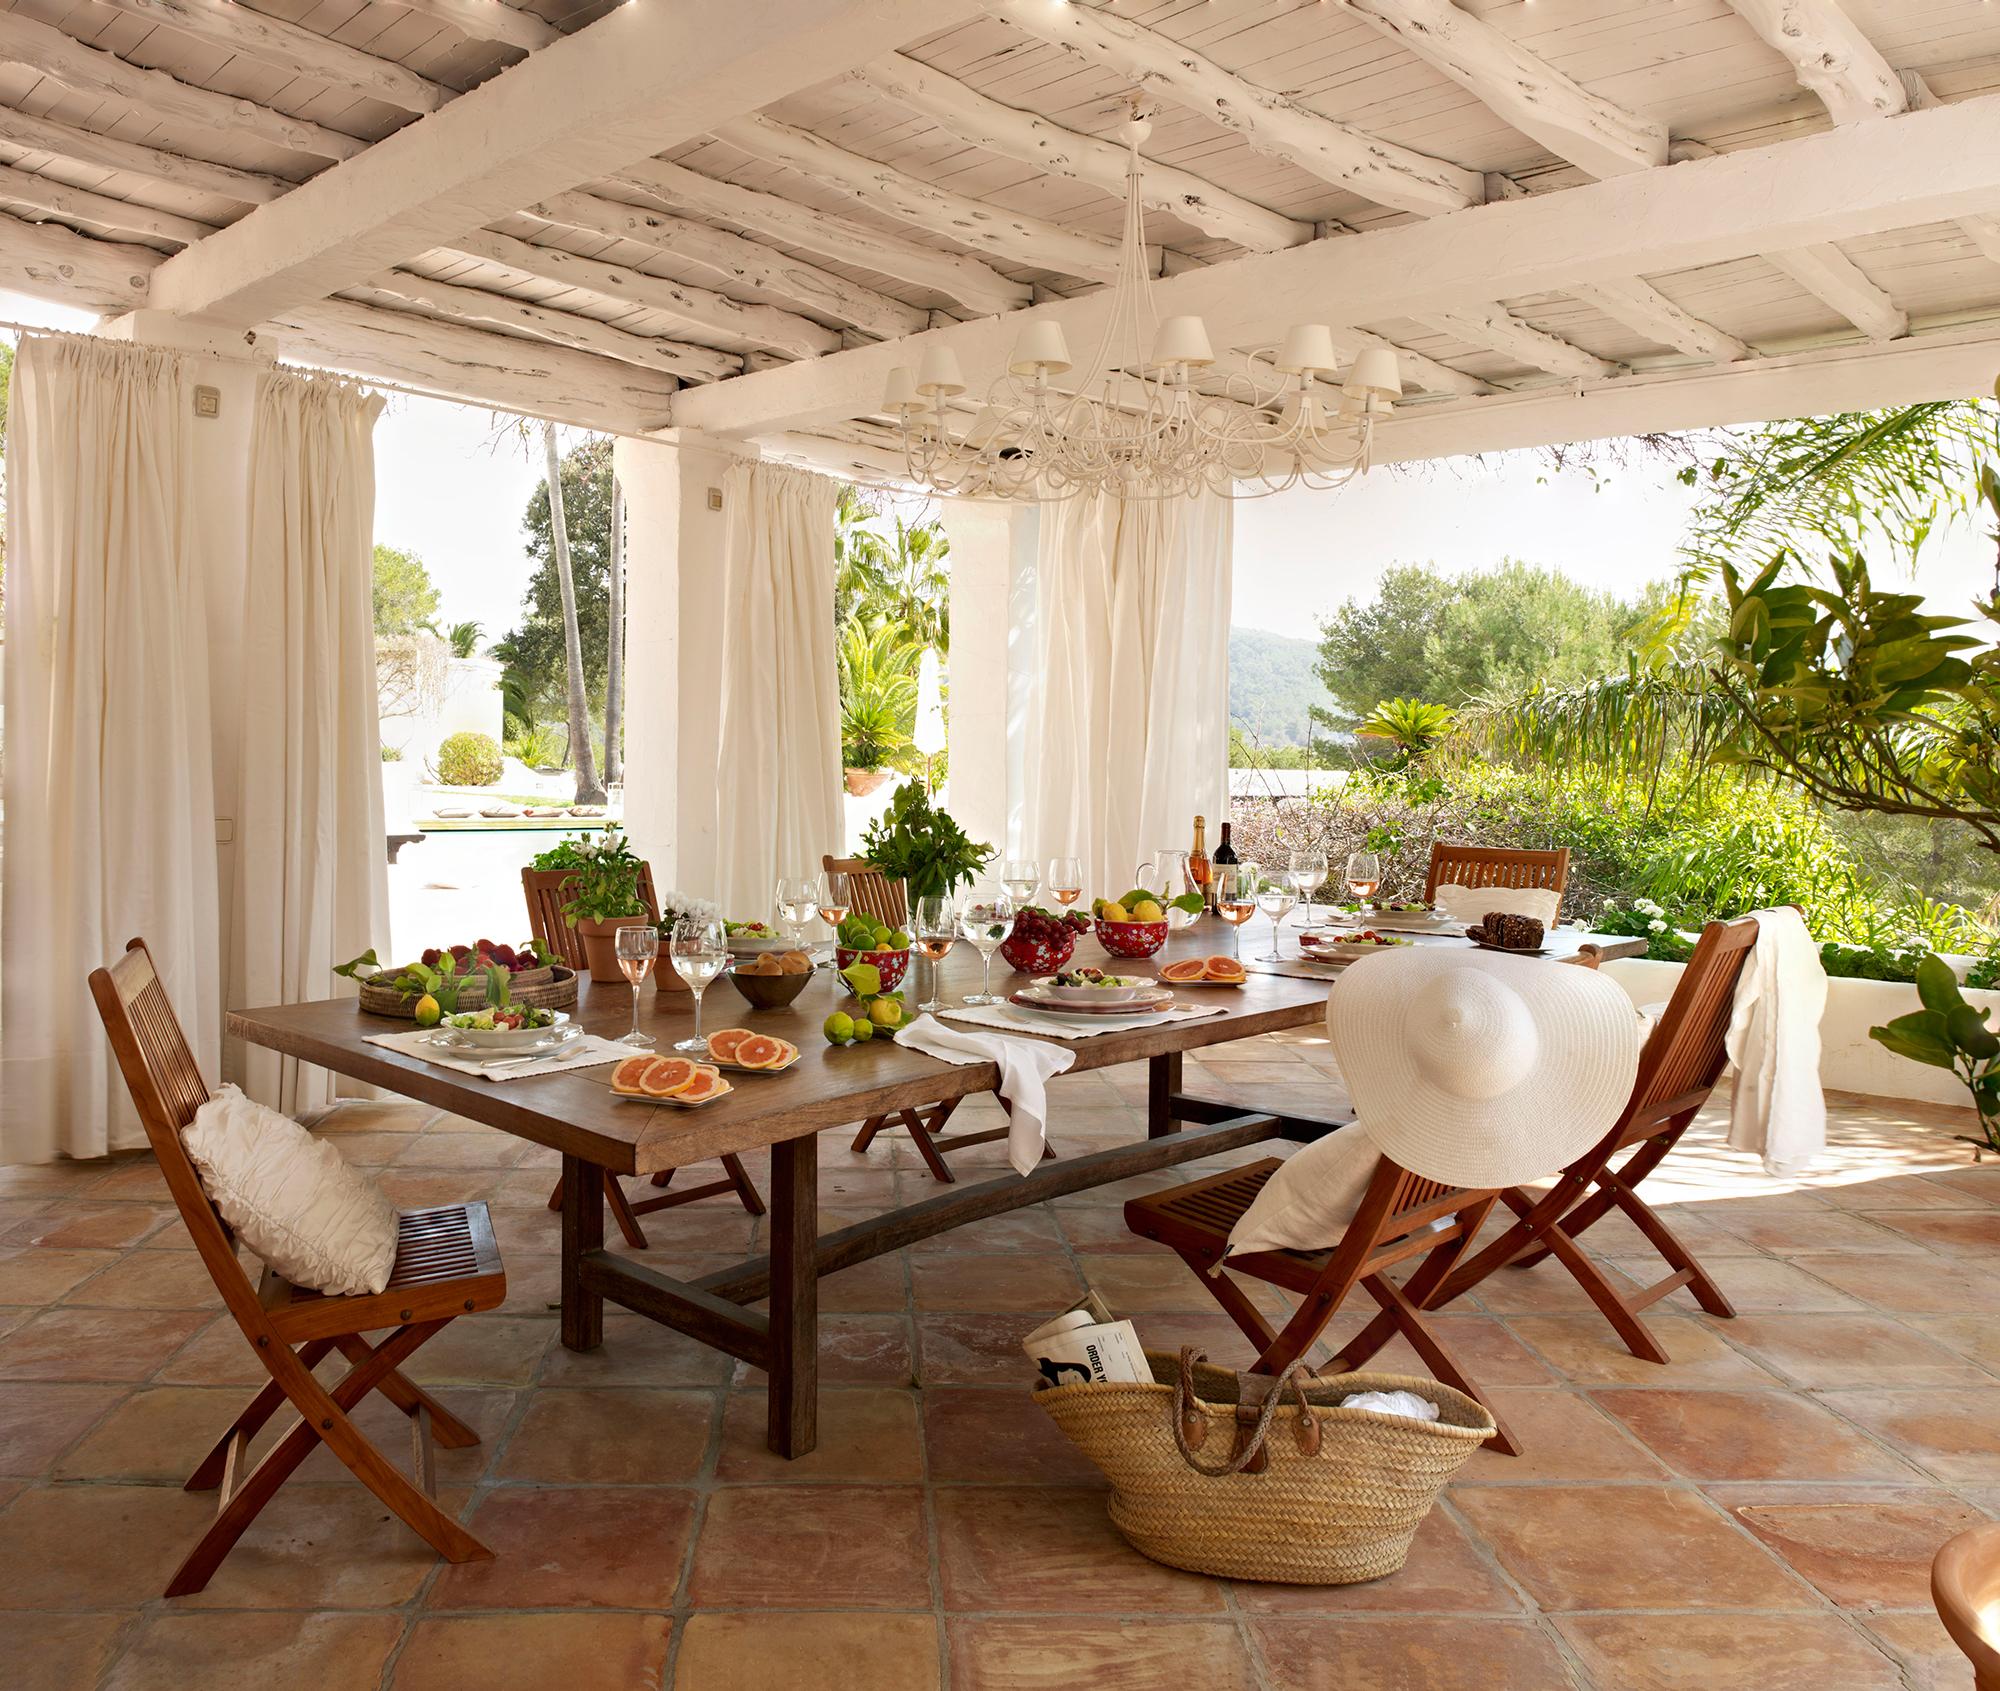 Comedores de exterior los 50 mejores de el mueble for Comedor de muebles de madera blanca